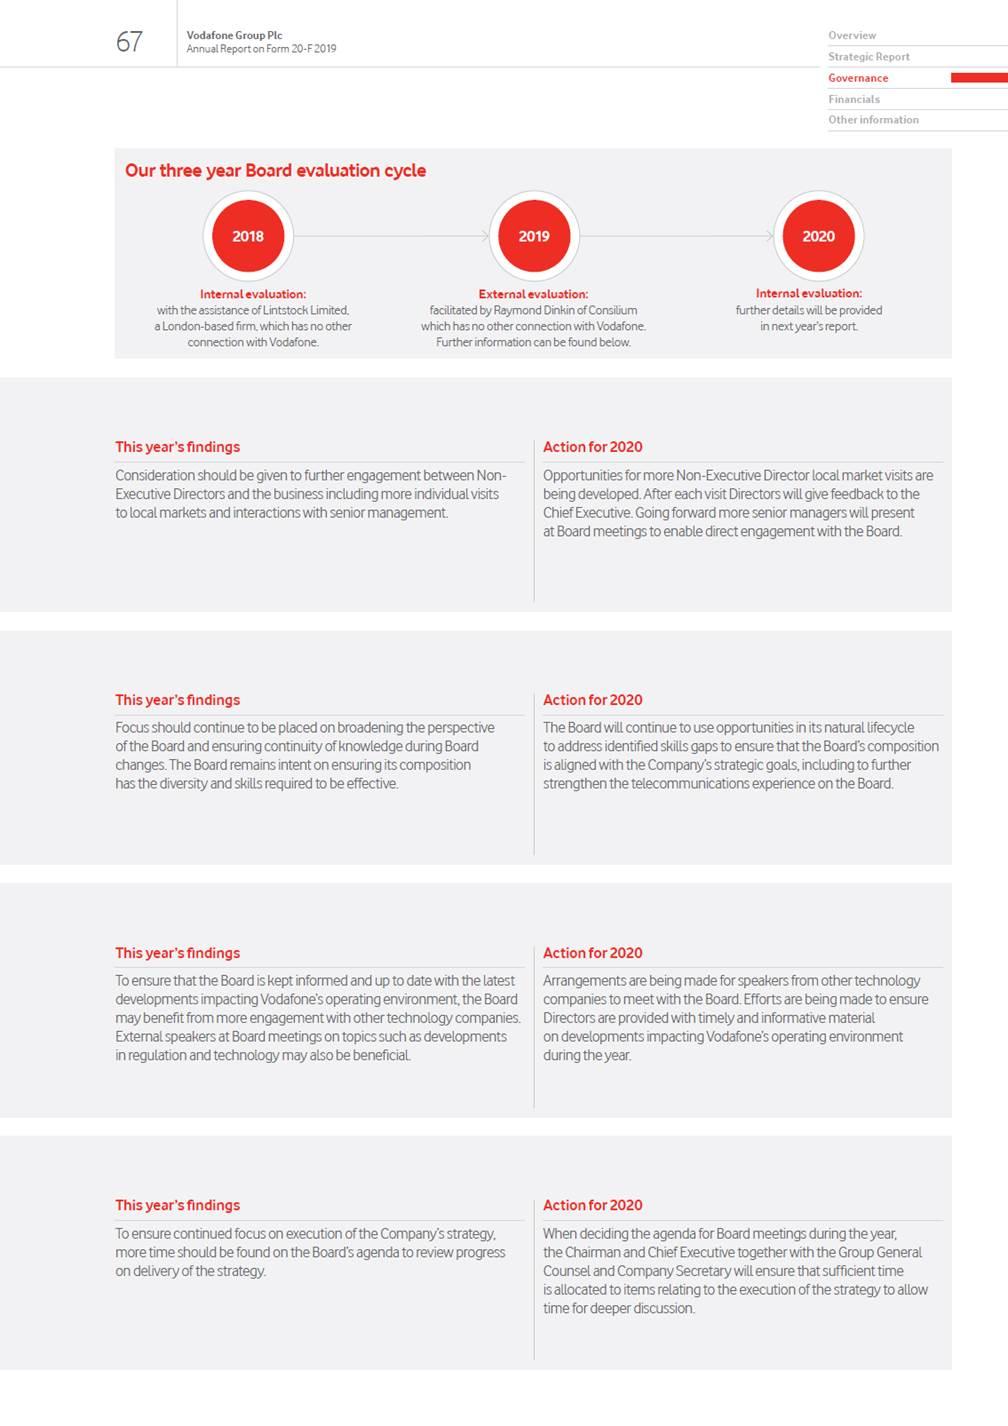 Vodafone 20f 2019 Annual Report Vod Filing